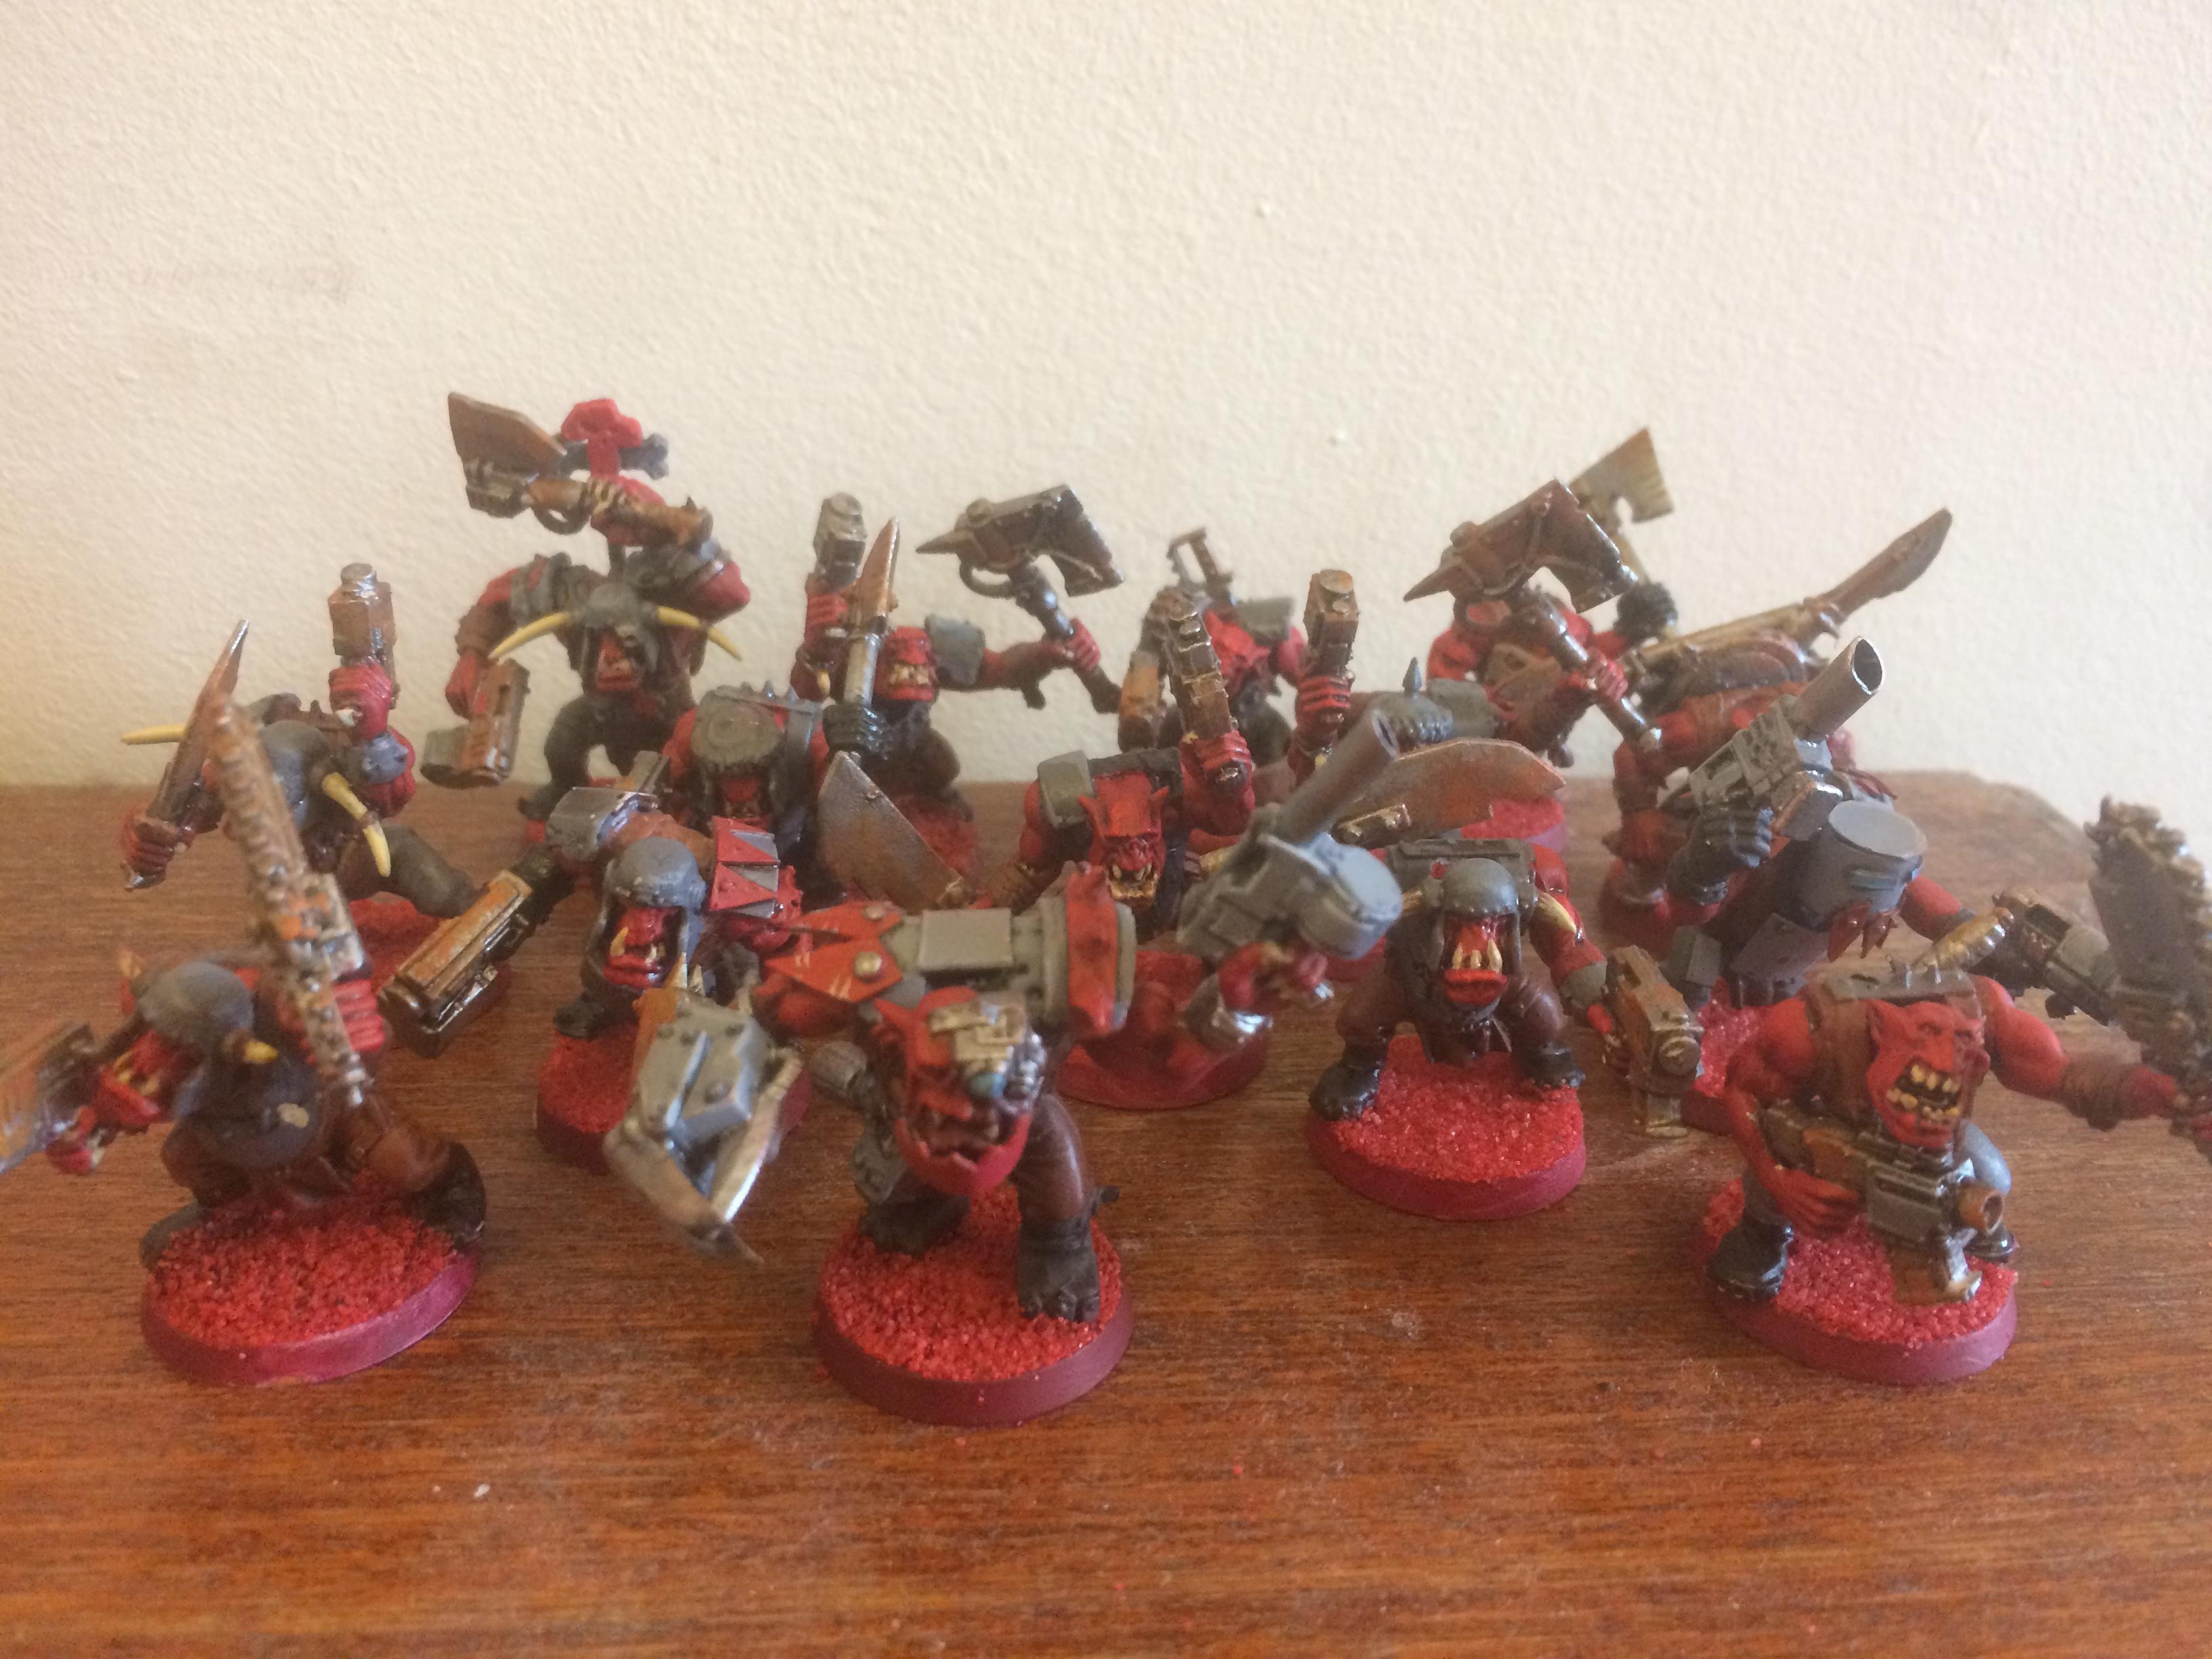 Boy, Orks, Red mob